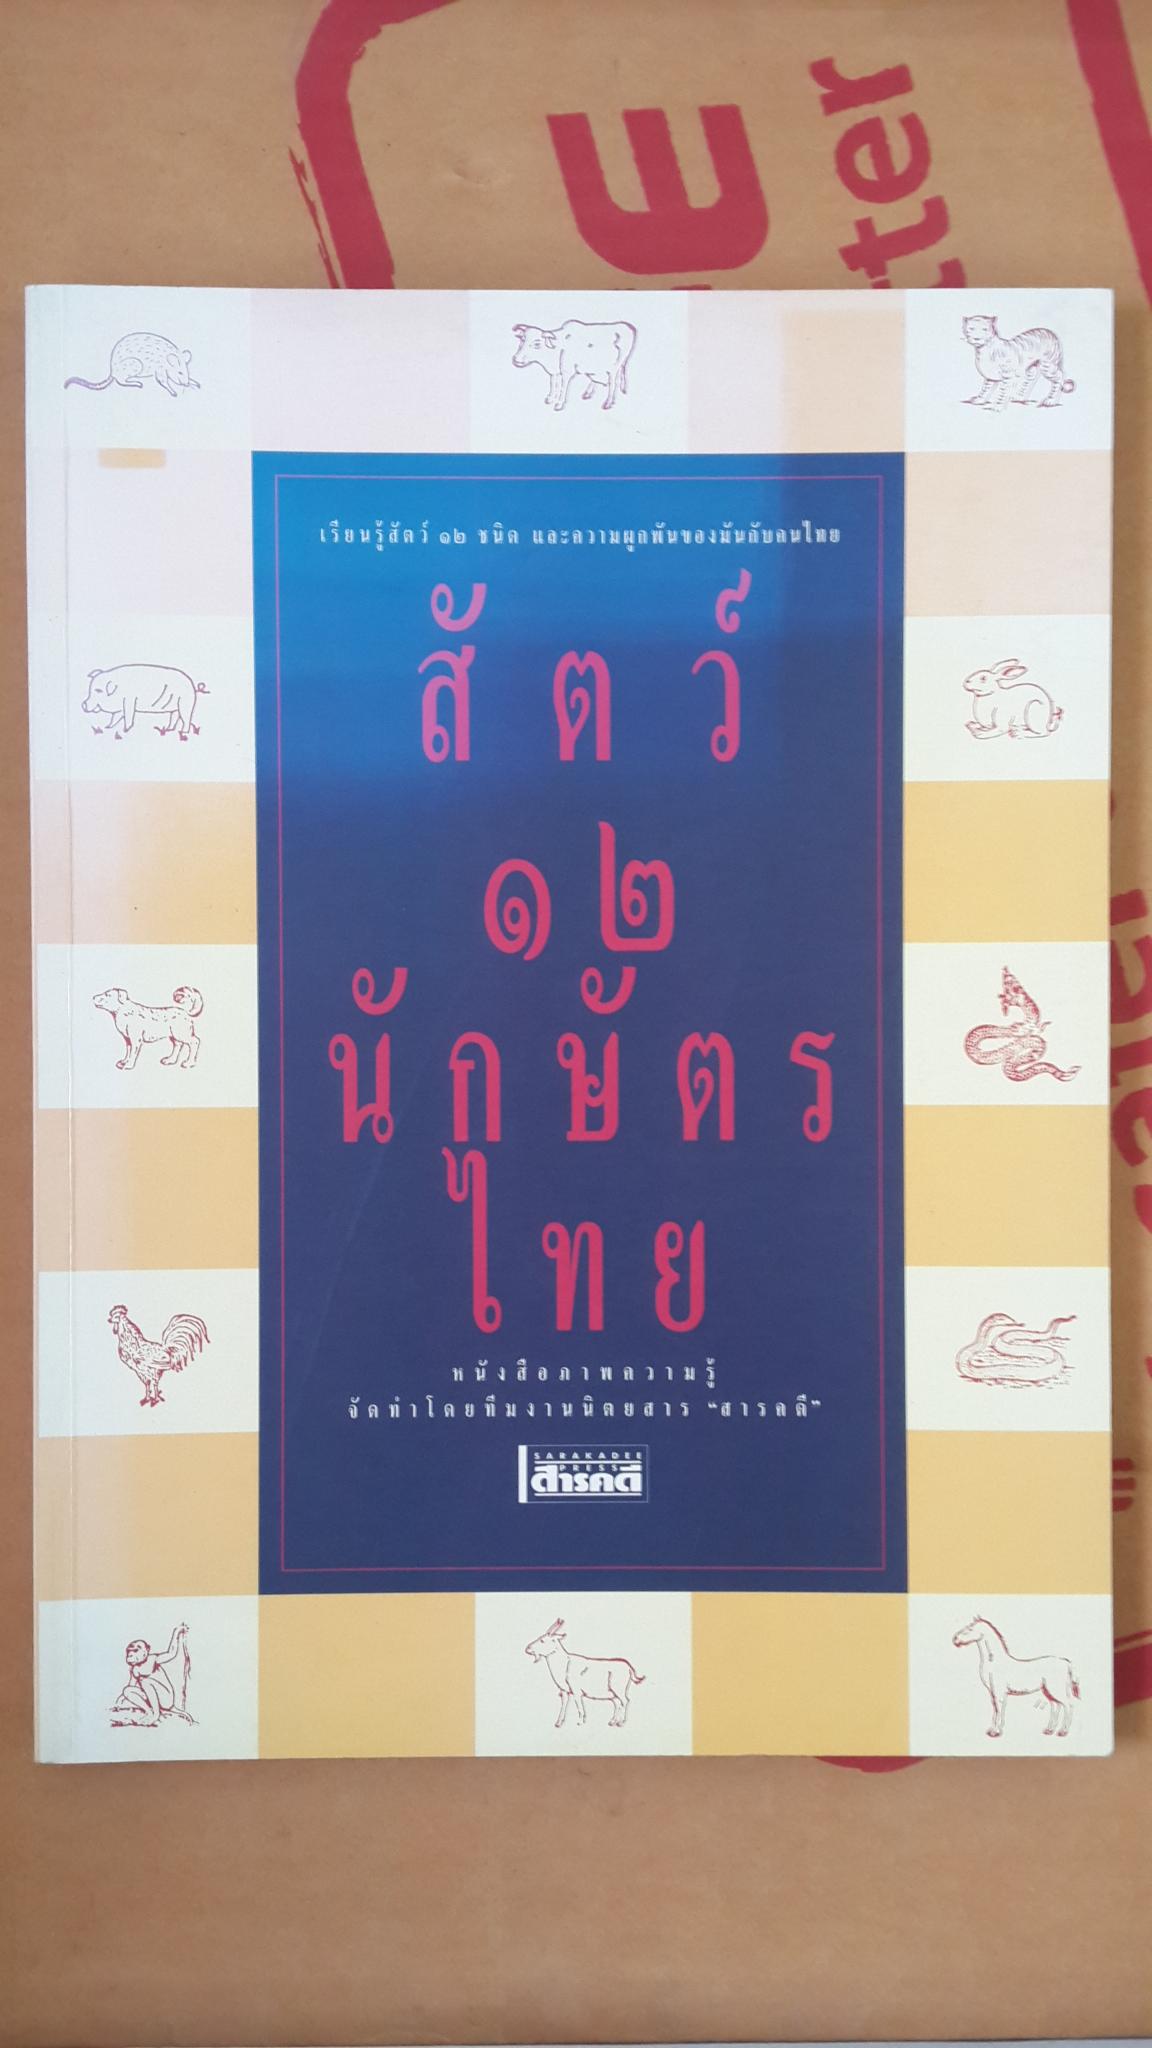 สัตว์ ๑๒ นักษัตรไทย / สารคดี